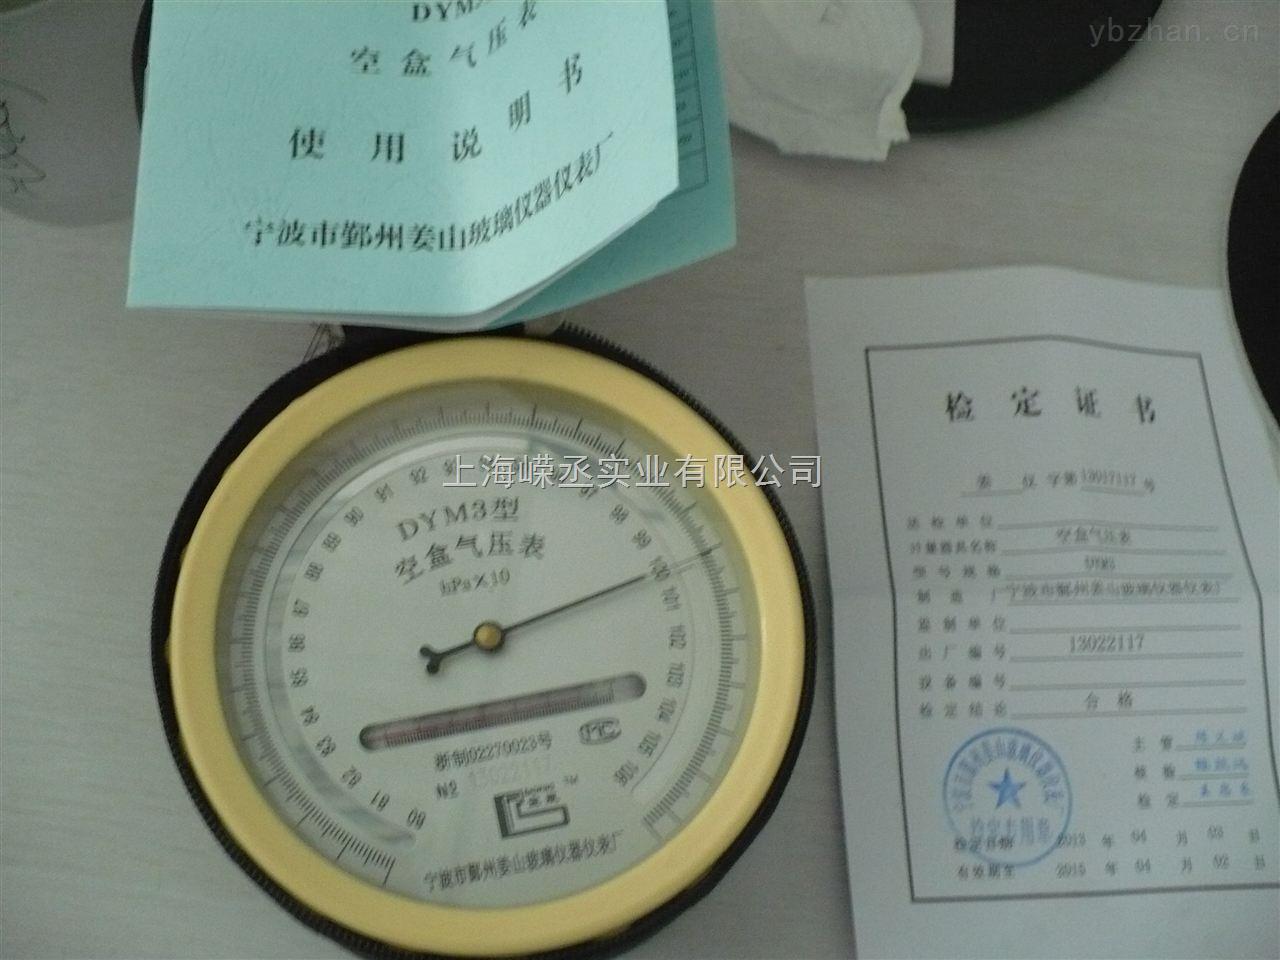 空盒气压计 dym3型大气压力表图片